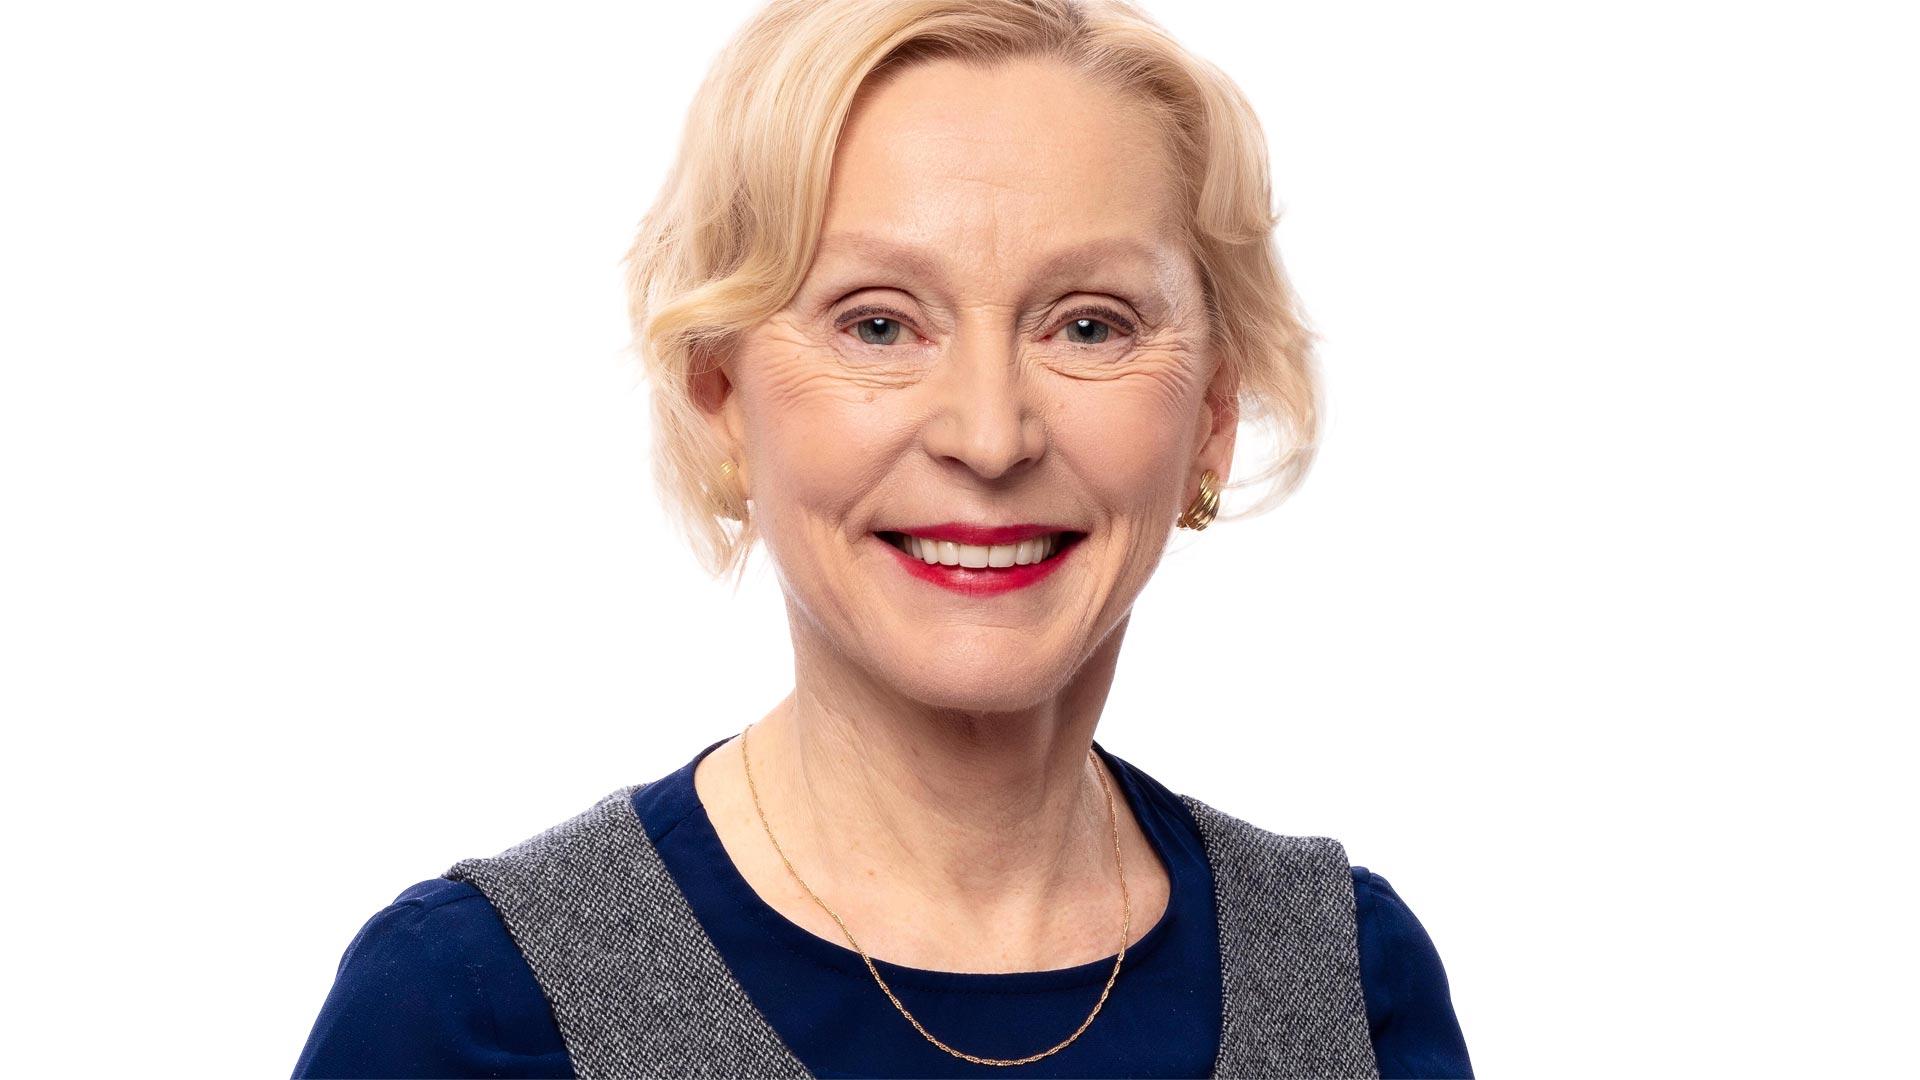 Joonas Mertanen